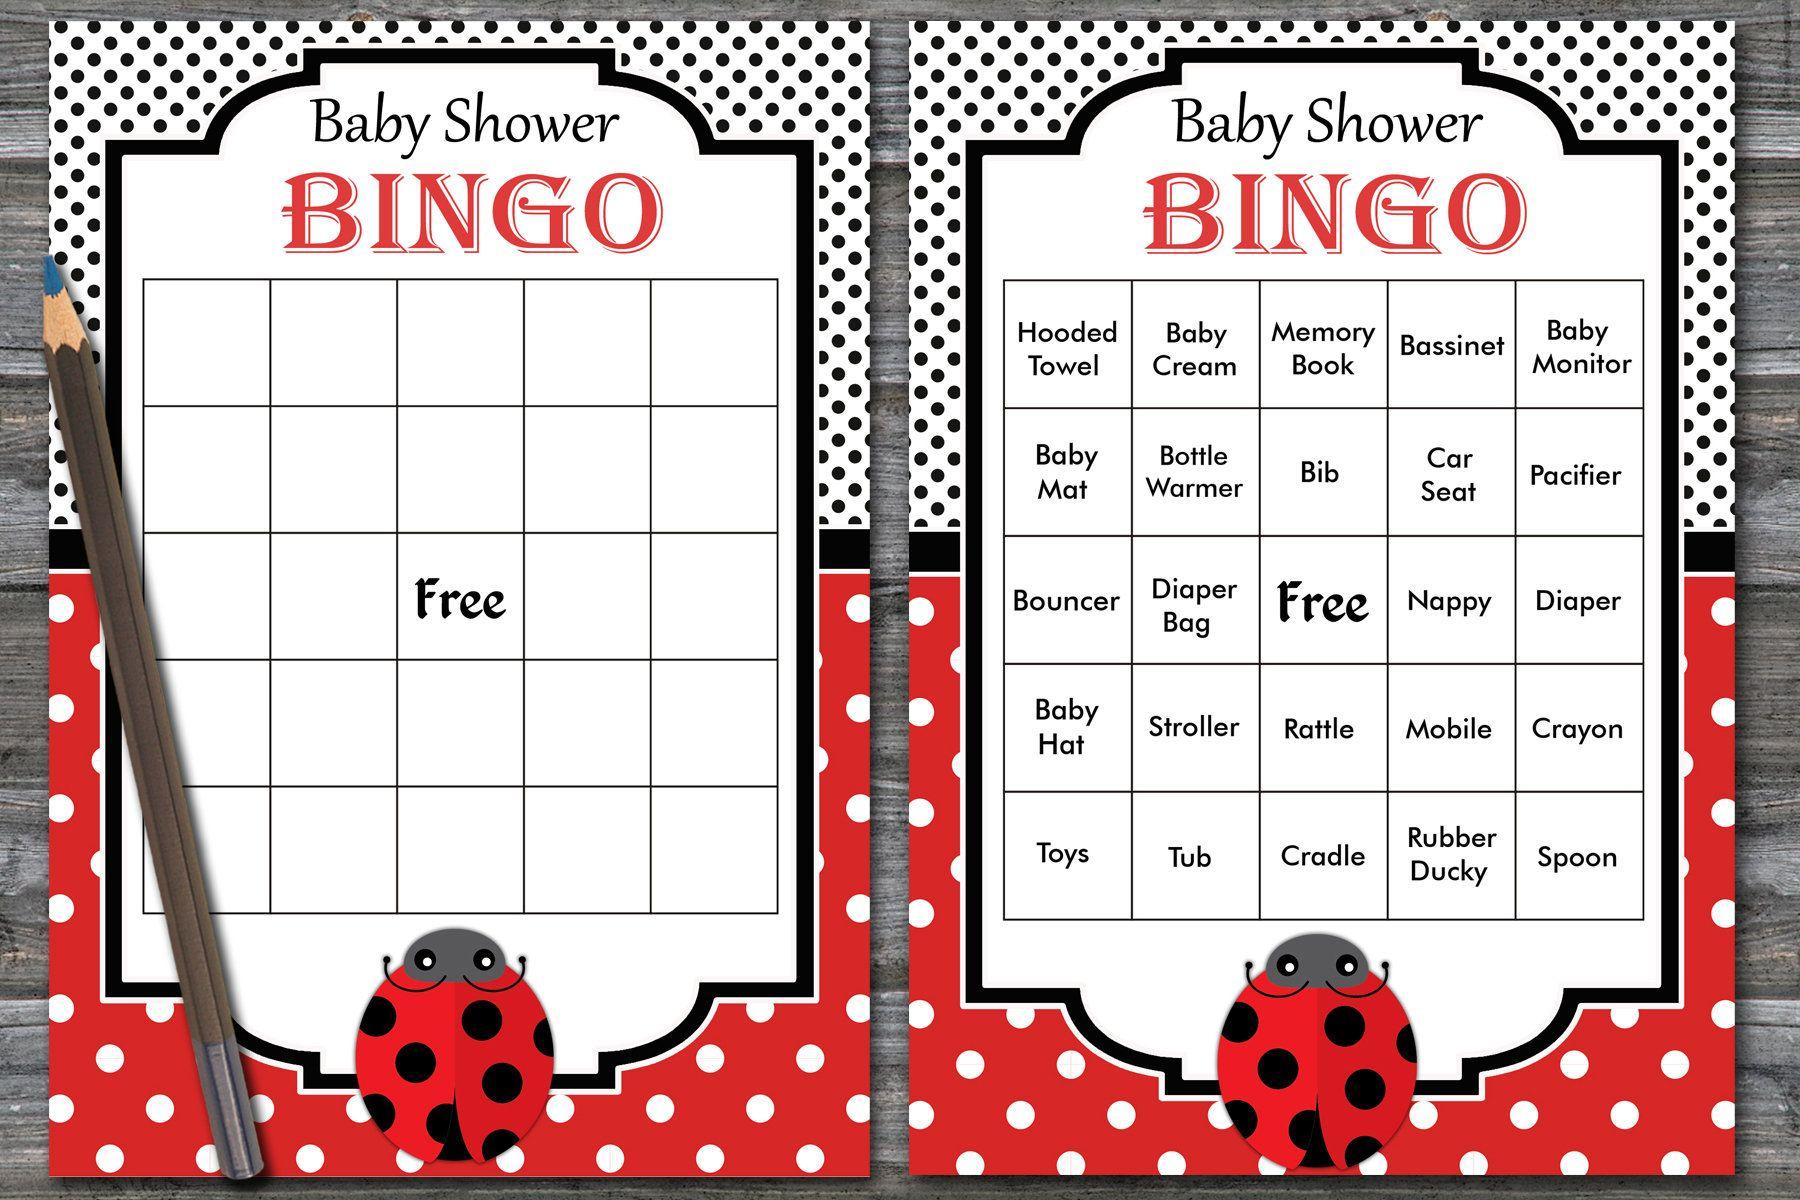 Ladybug Baby Shower Bingo Cards, Ladybug Baby Shower Bingo